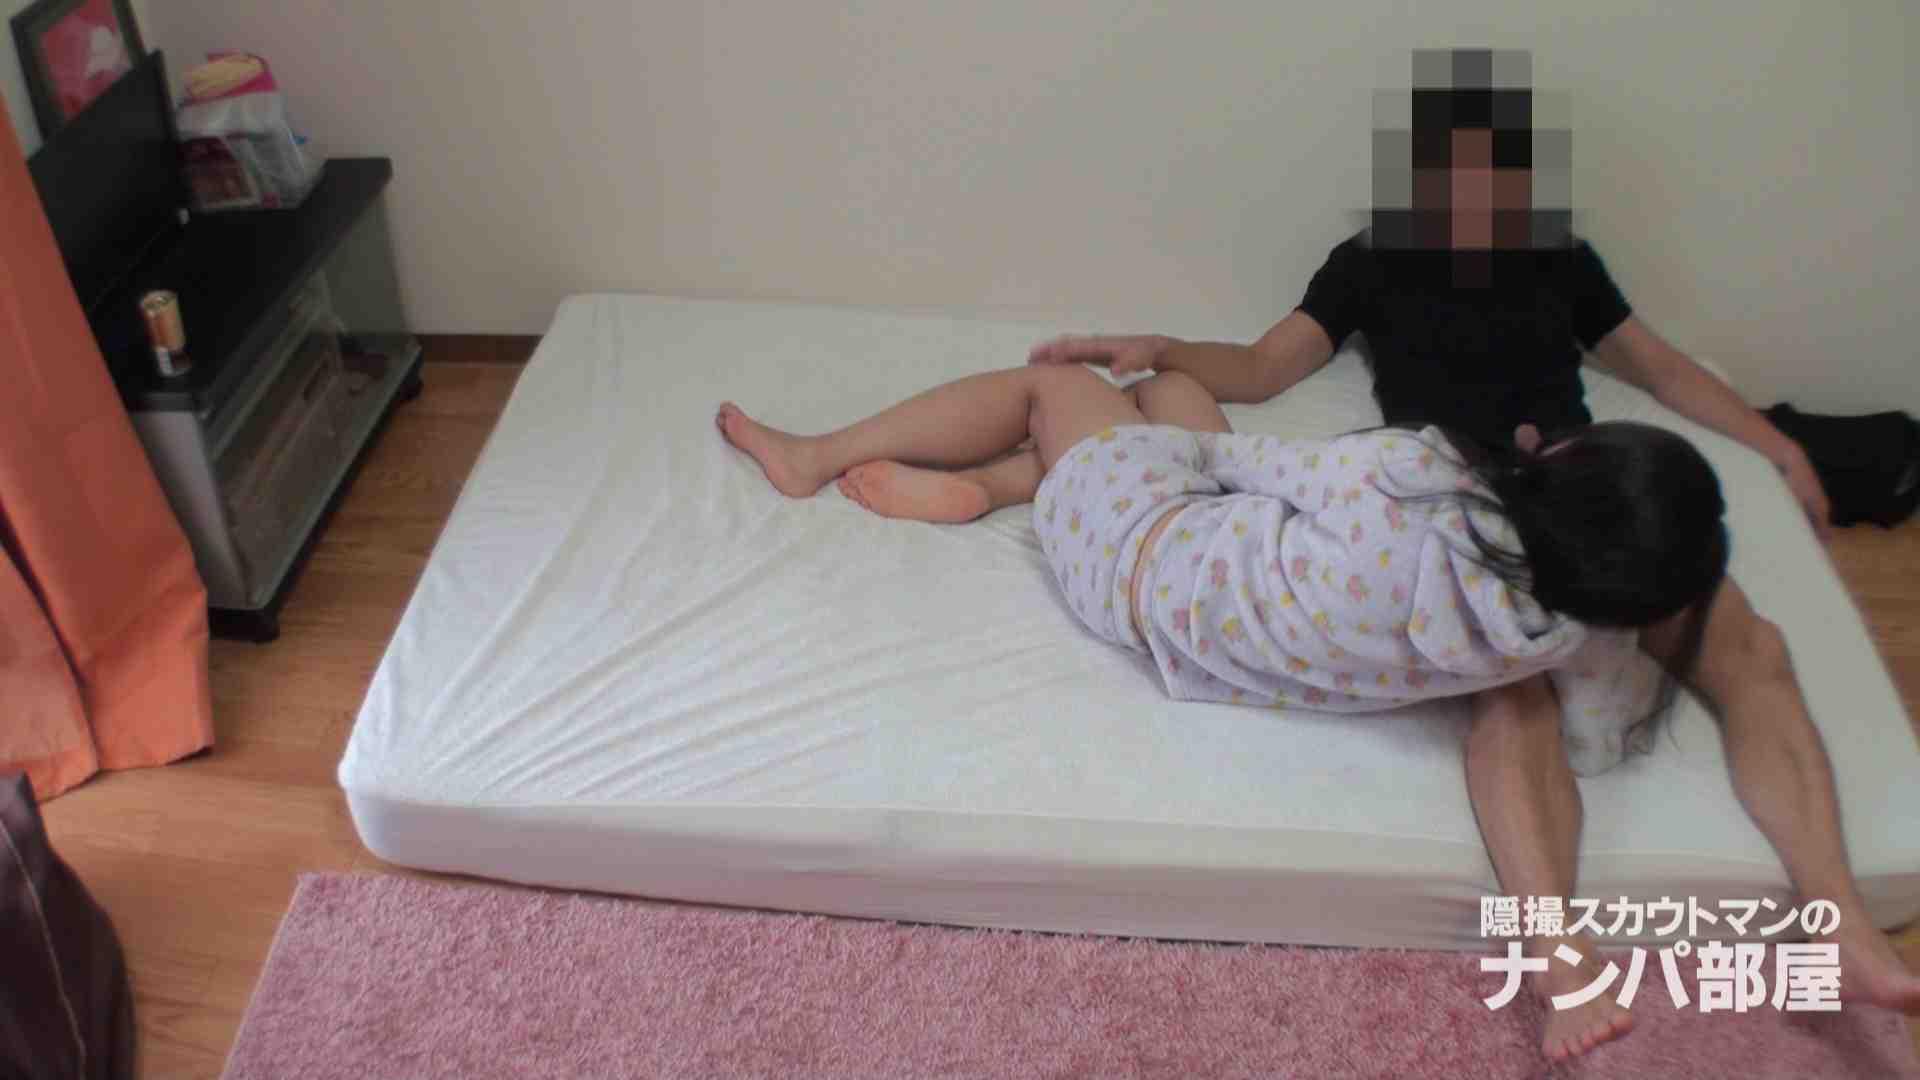 隠撮スカウトマンのナンパ部屋~風俗デビュー前のつまみ食い~hanavol.3 ナンパ セックス画像 91枚 68